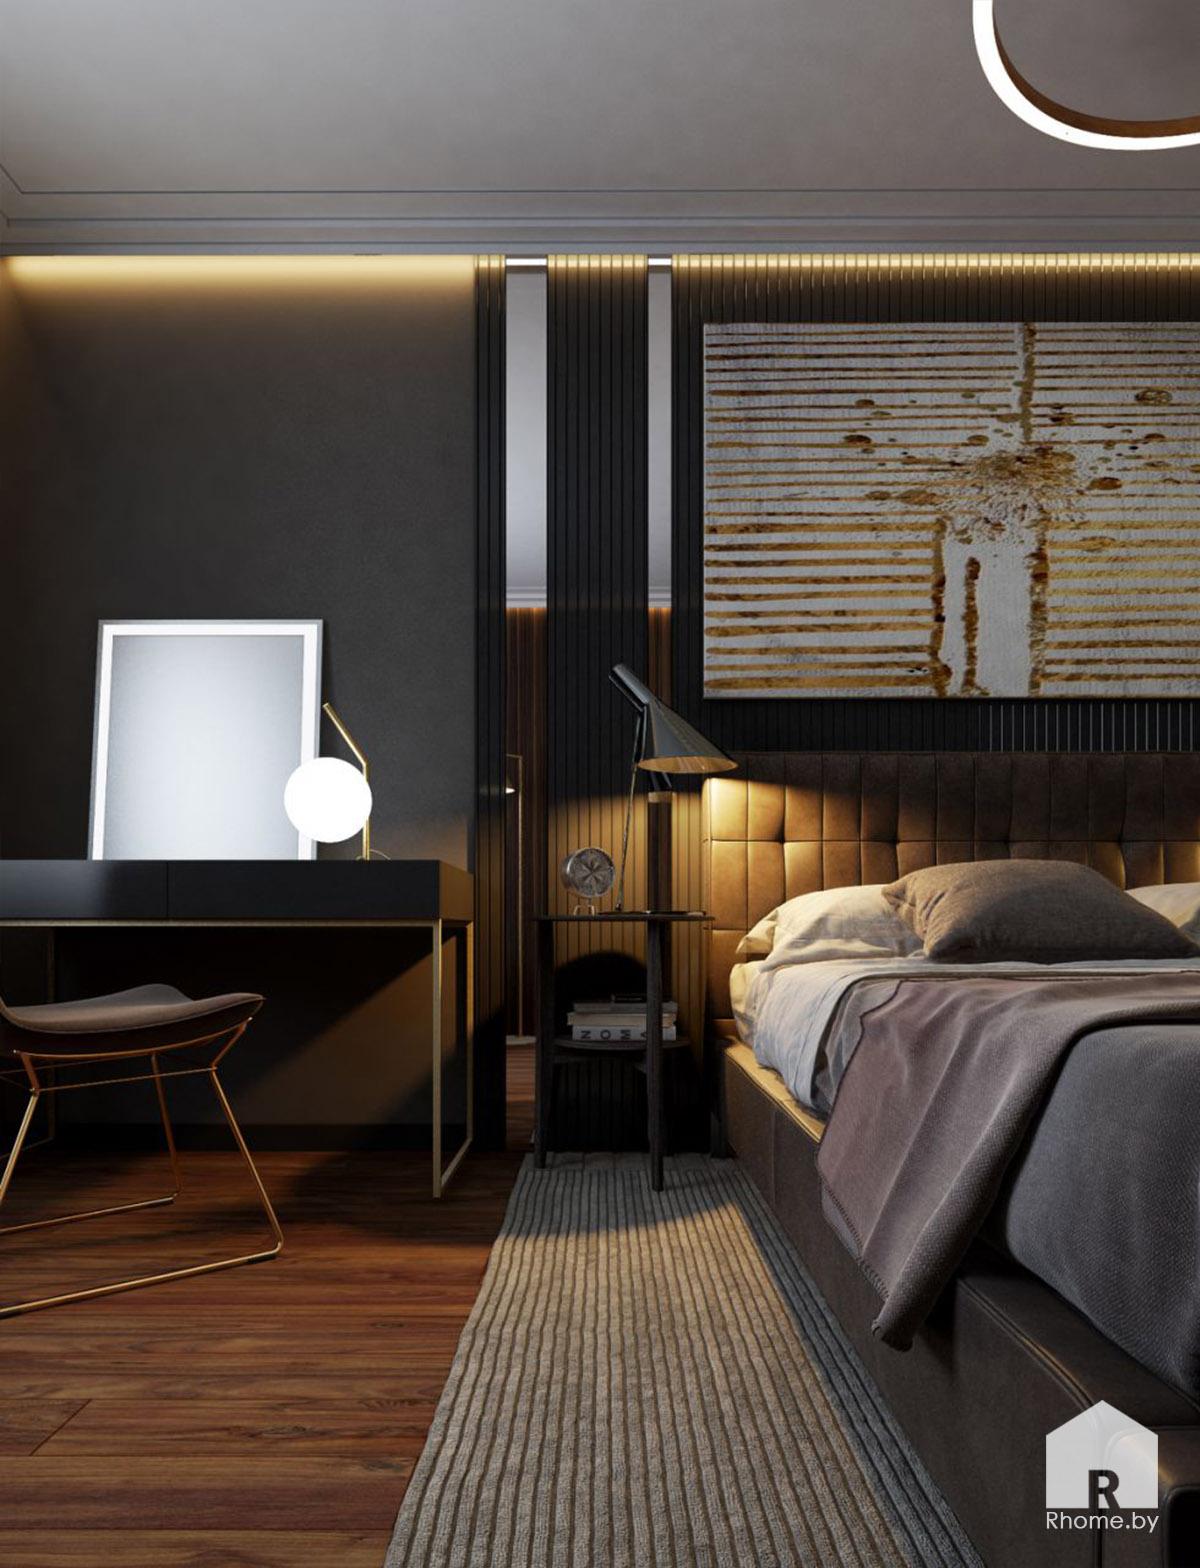 Дизайн спальни в Борисове в темных тонах | Дизайн студия – Rhome.by